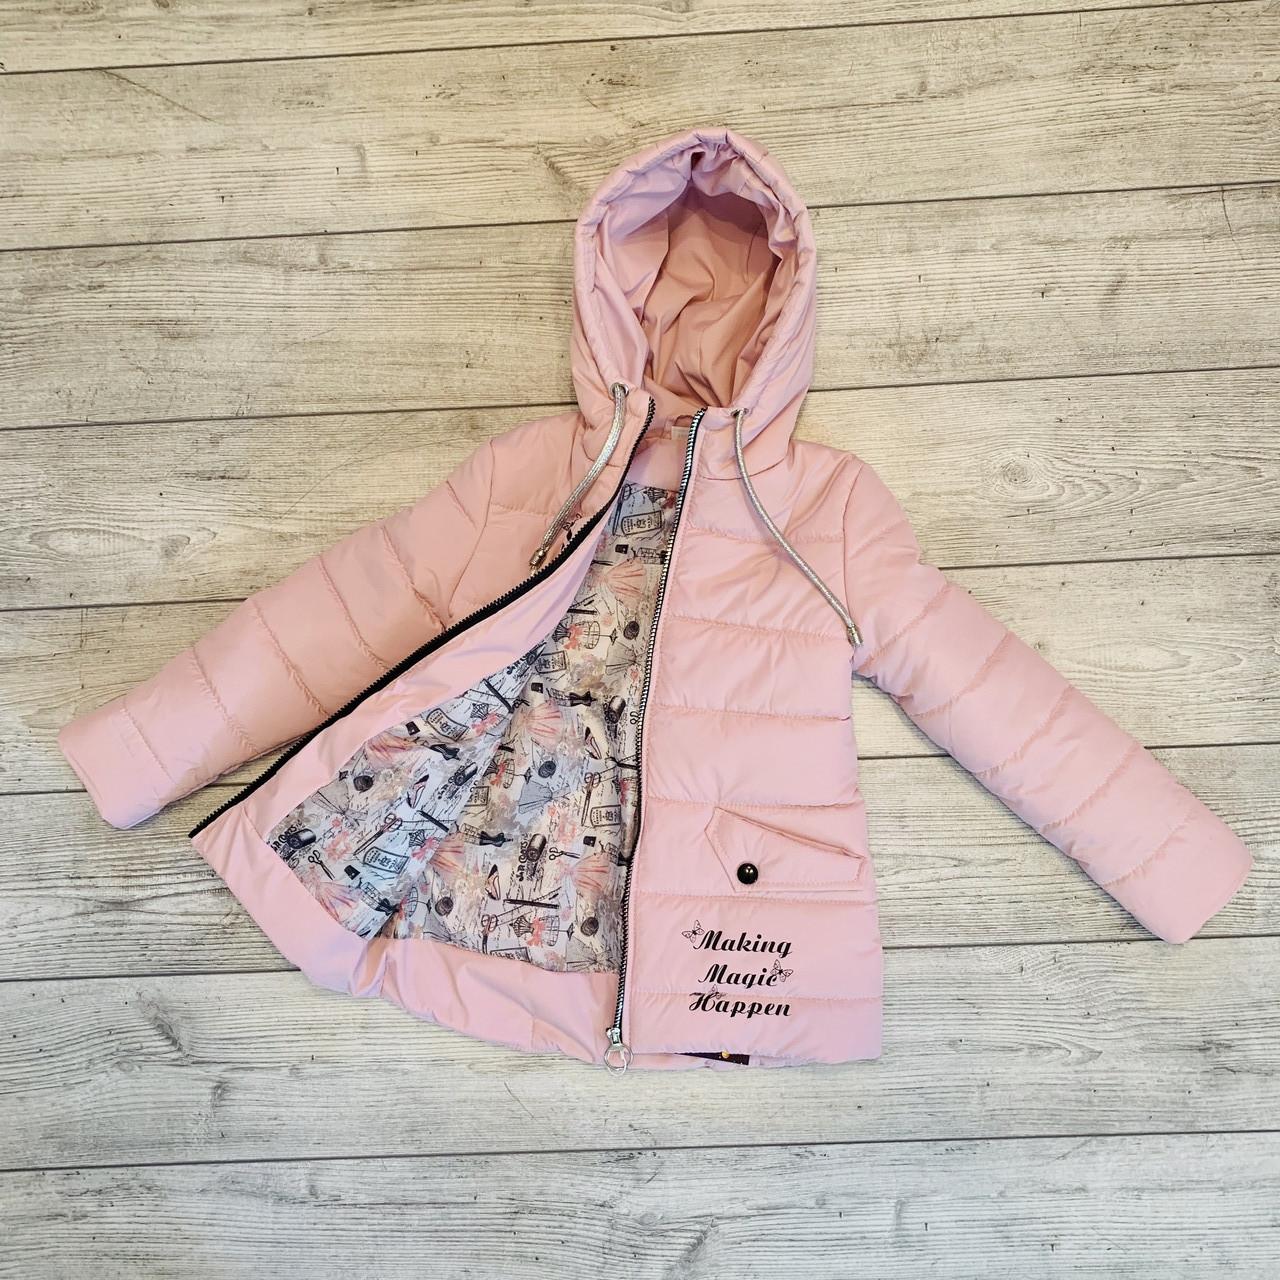 d4e963079b05 Весенняя куртка на девочку 116-134 демисезонная пудра: продажа, цена ...